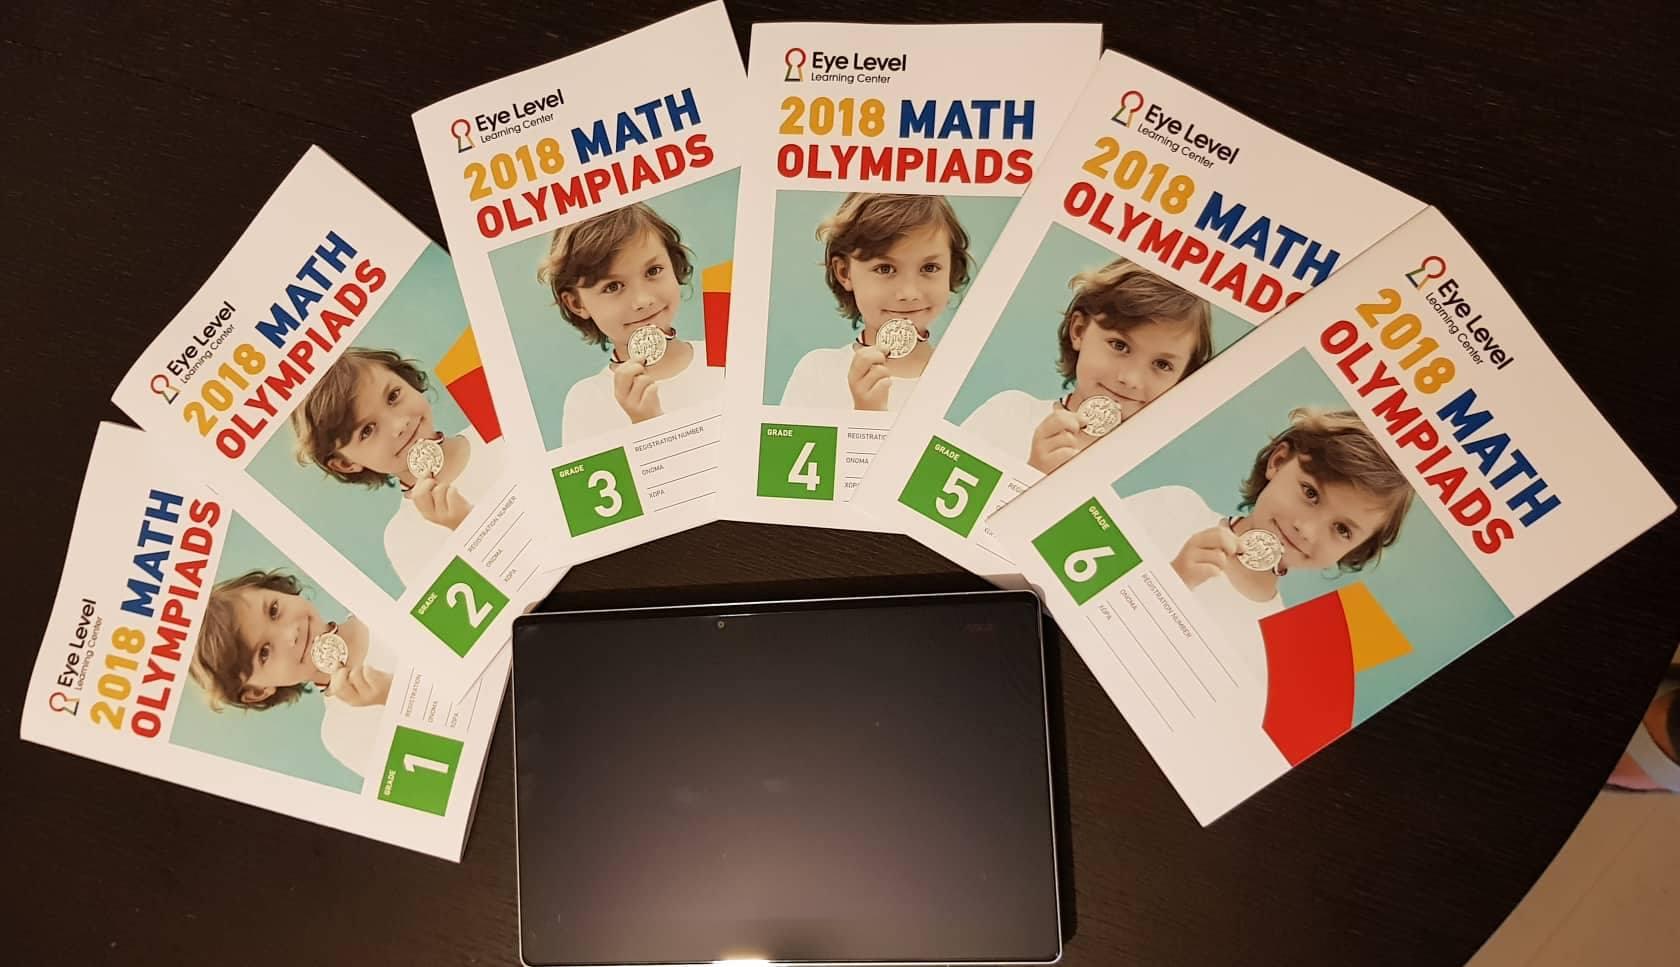 Eye Level Math Olympiad - eyelevelathens gr